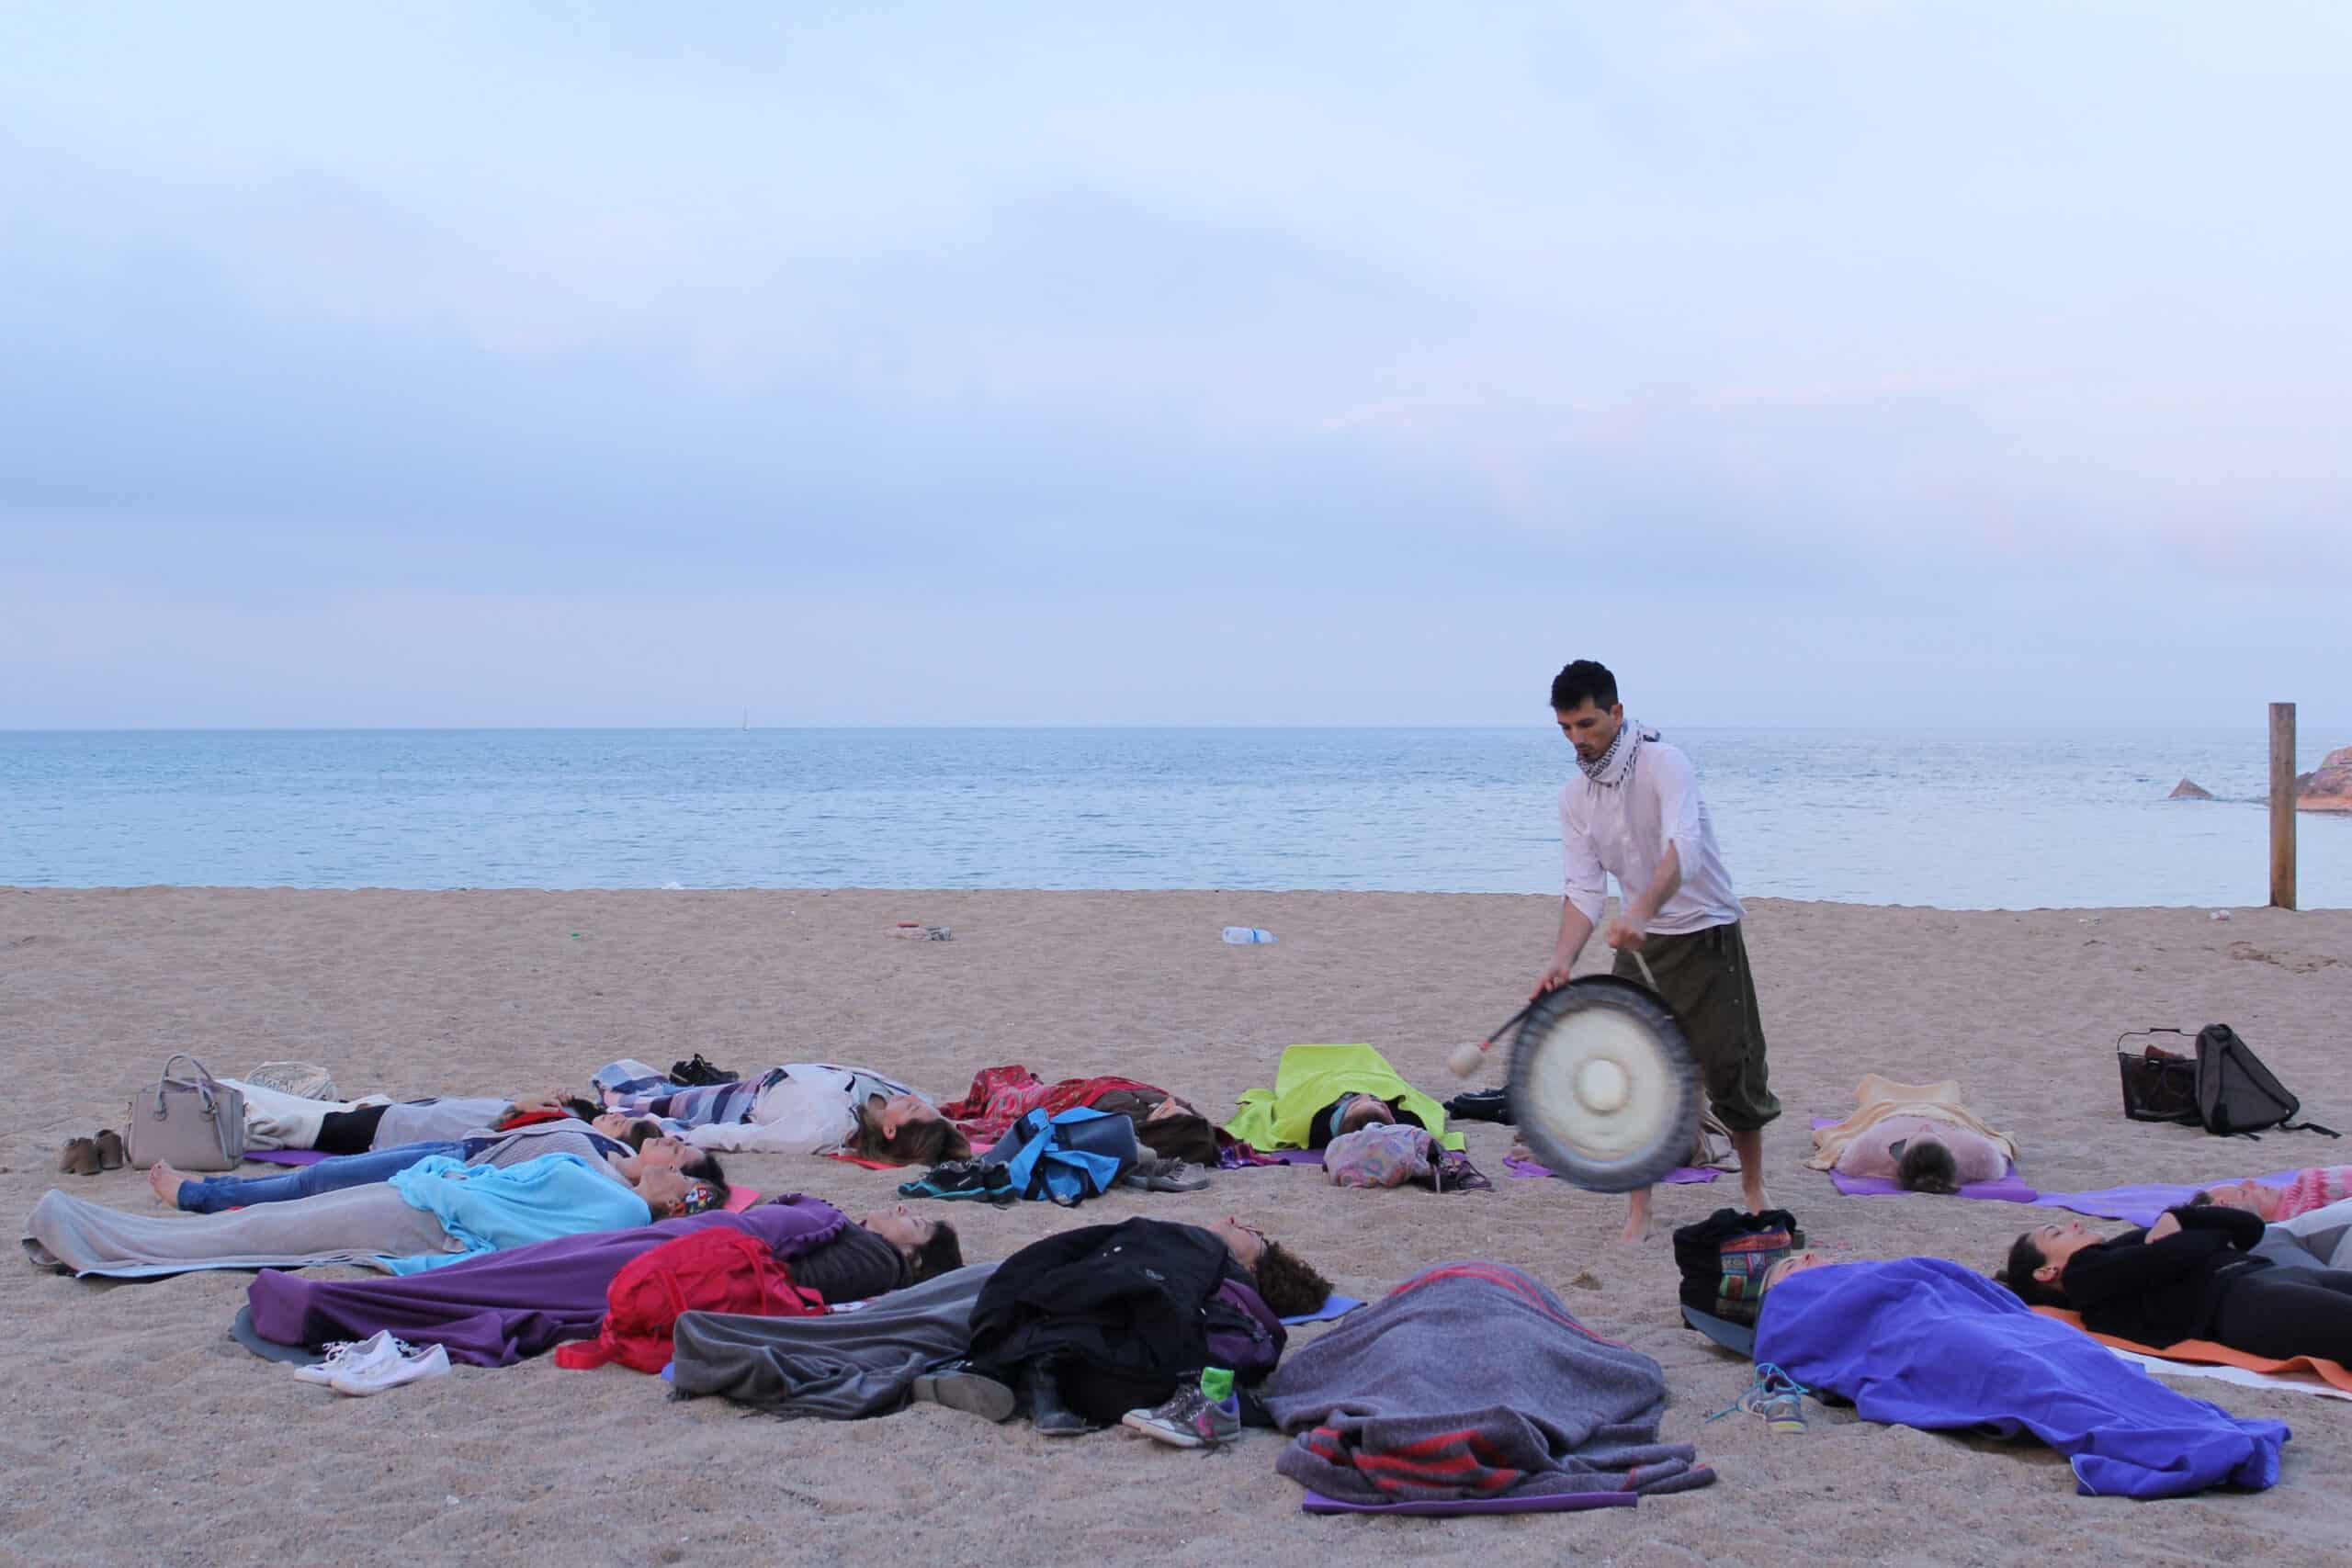 Gonzalo bolla tocando el gong, gong master, baños de gong en españa, baños de gong en barcelona, baños de gong en madrid, cantos armónicos, cursos online de cantos armónicos, terapia con gong, terapia con sonidos en españa, terapia con sonidos en madrid, cursos de terapia con sonidos, terapeuta de sonido, sound healing in spain, sound healing en españa, cuencos tibetanos,  retiros de yoga en españa, retiros de yoga en girona, retiros de yoga en cataluña, retiros de yoga y sonidos, retiros de yoga para la ansiedad y el estrés